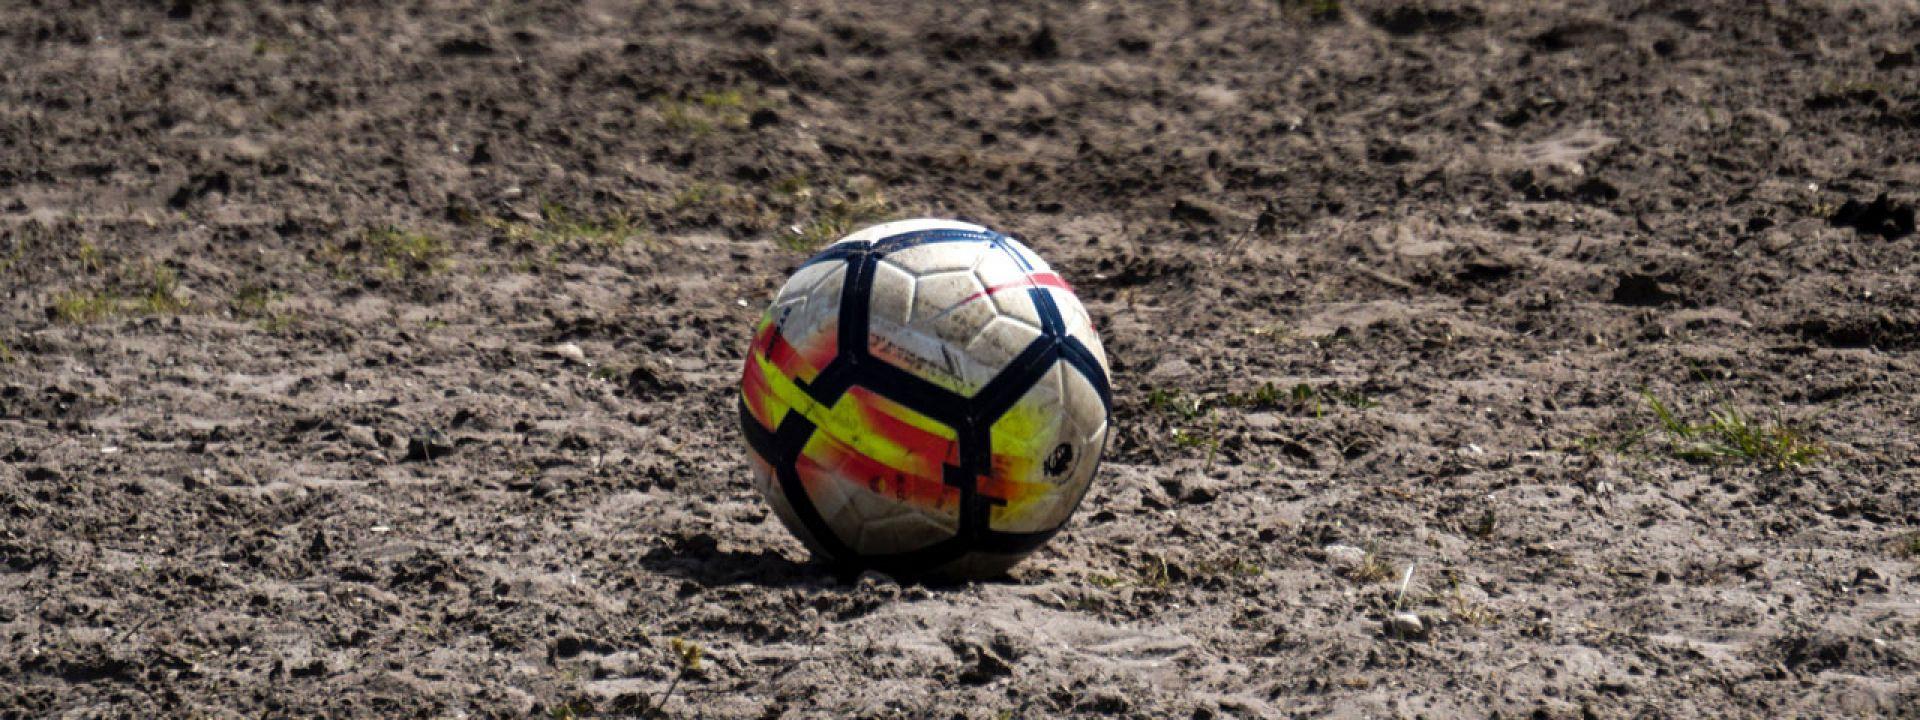 Φωτογραφία μπάλας ποδοσφαίρου